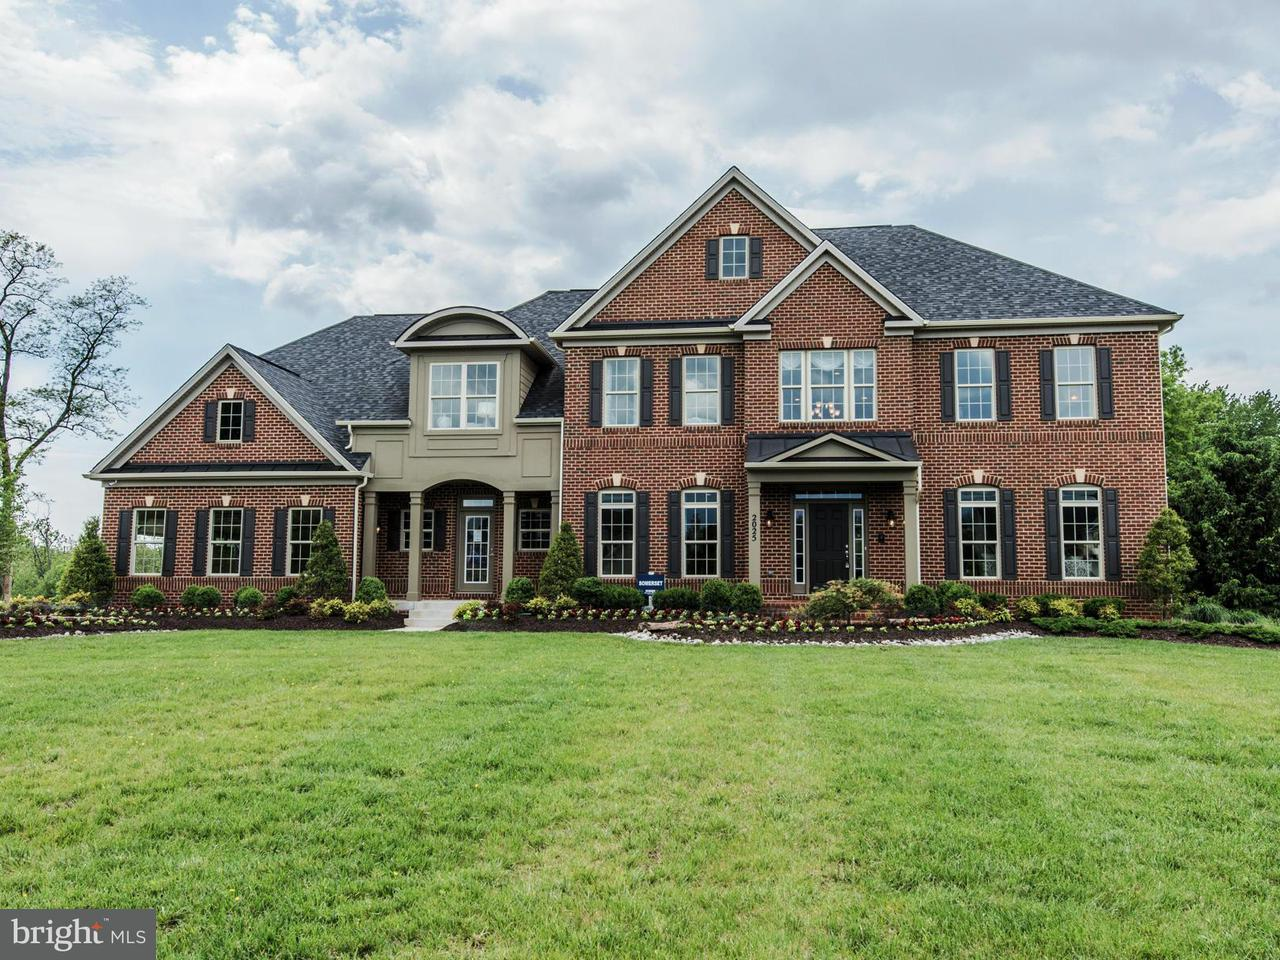 Maison unifamiliale pour l Vente à 2025 DROVERS Lane 2025 DROVERS Lane Cooksville, Maryland 21723 États-Unis